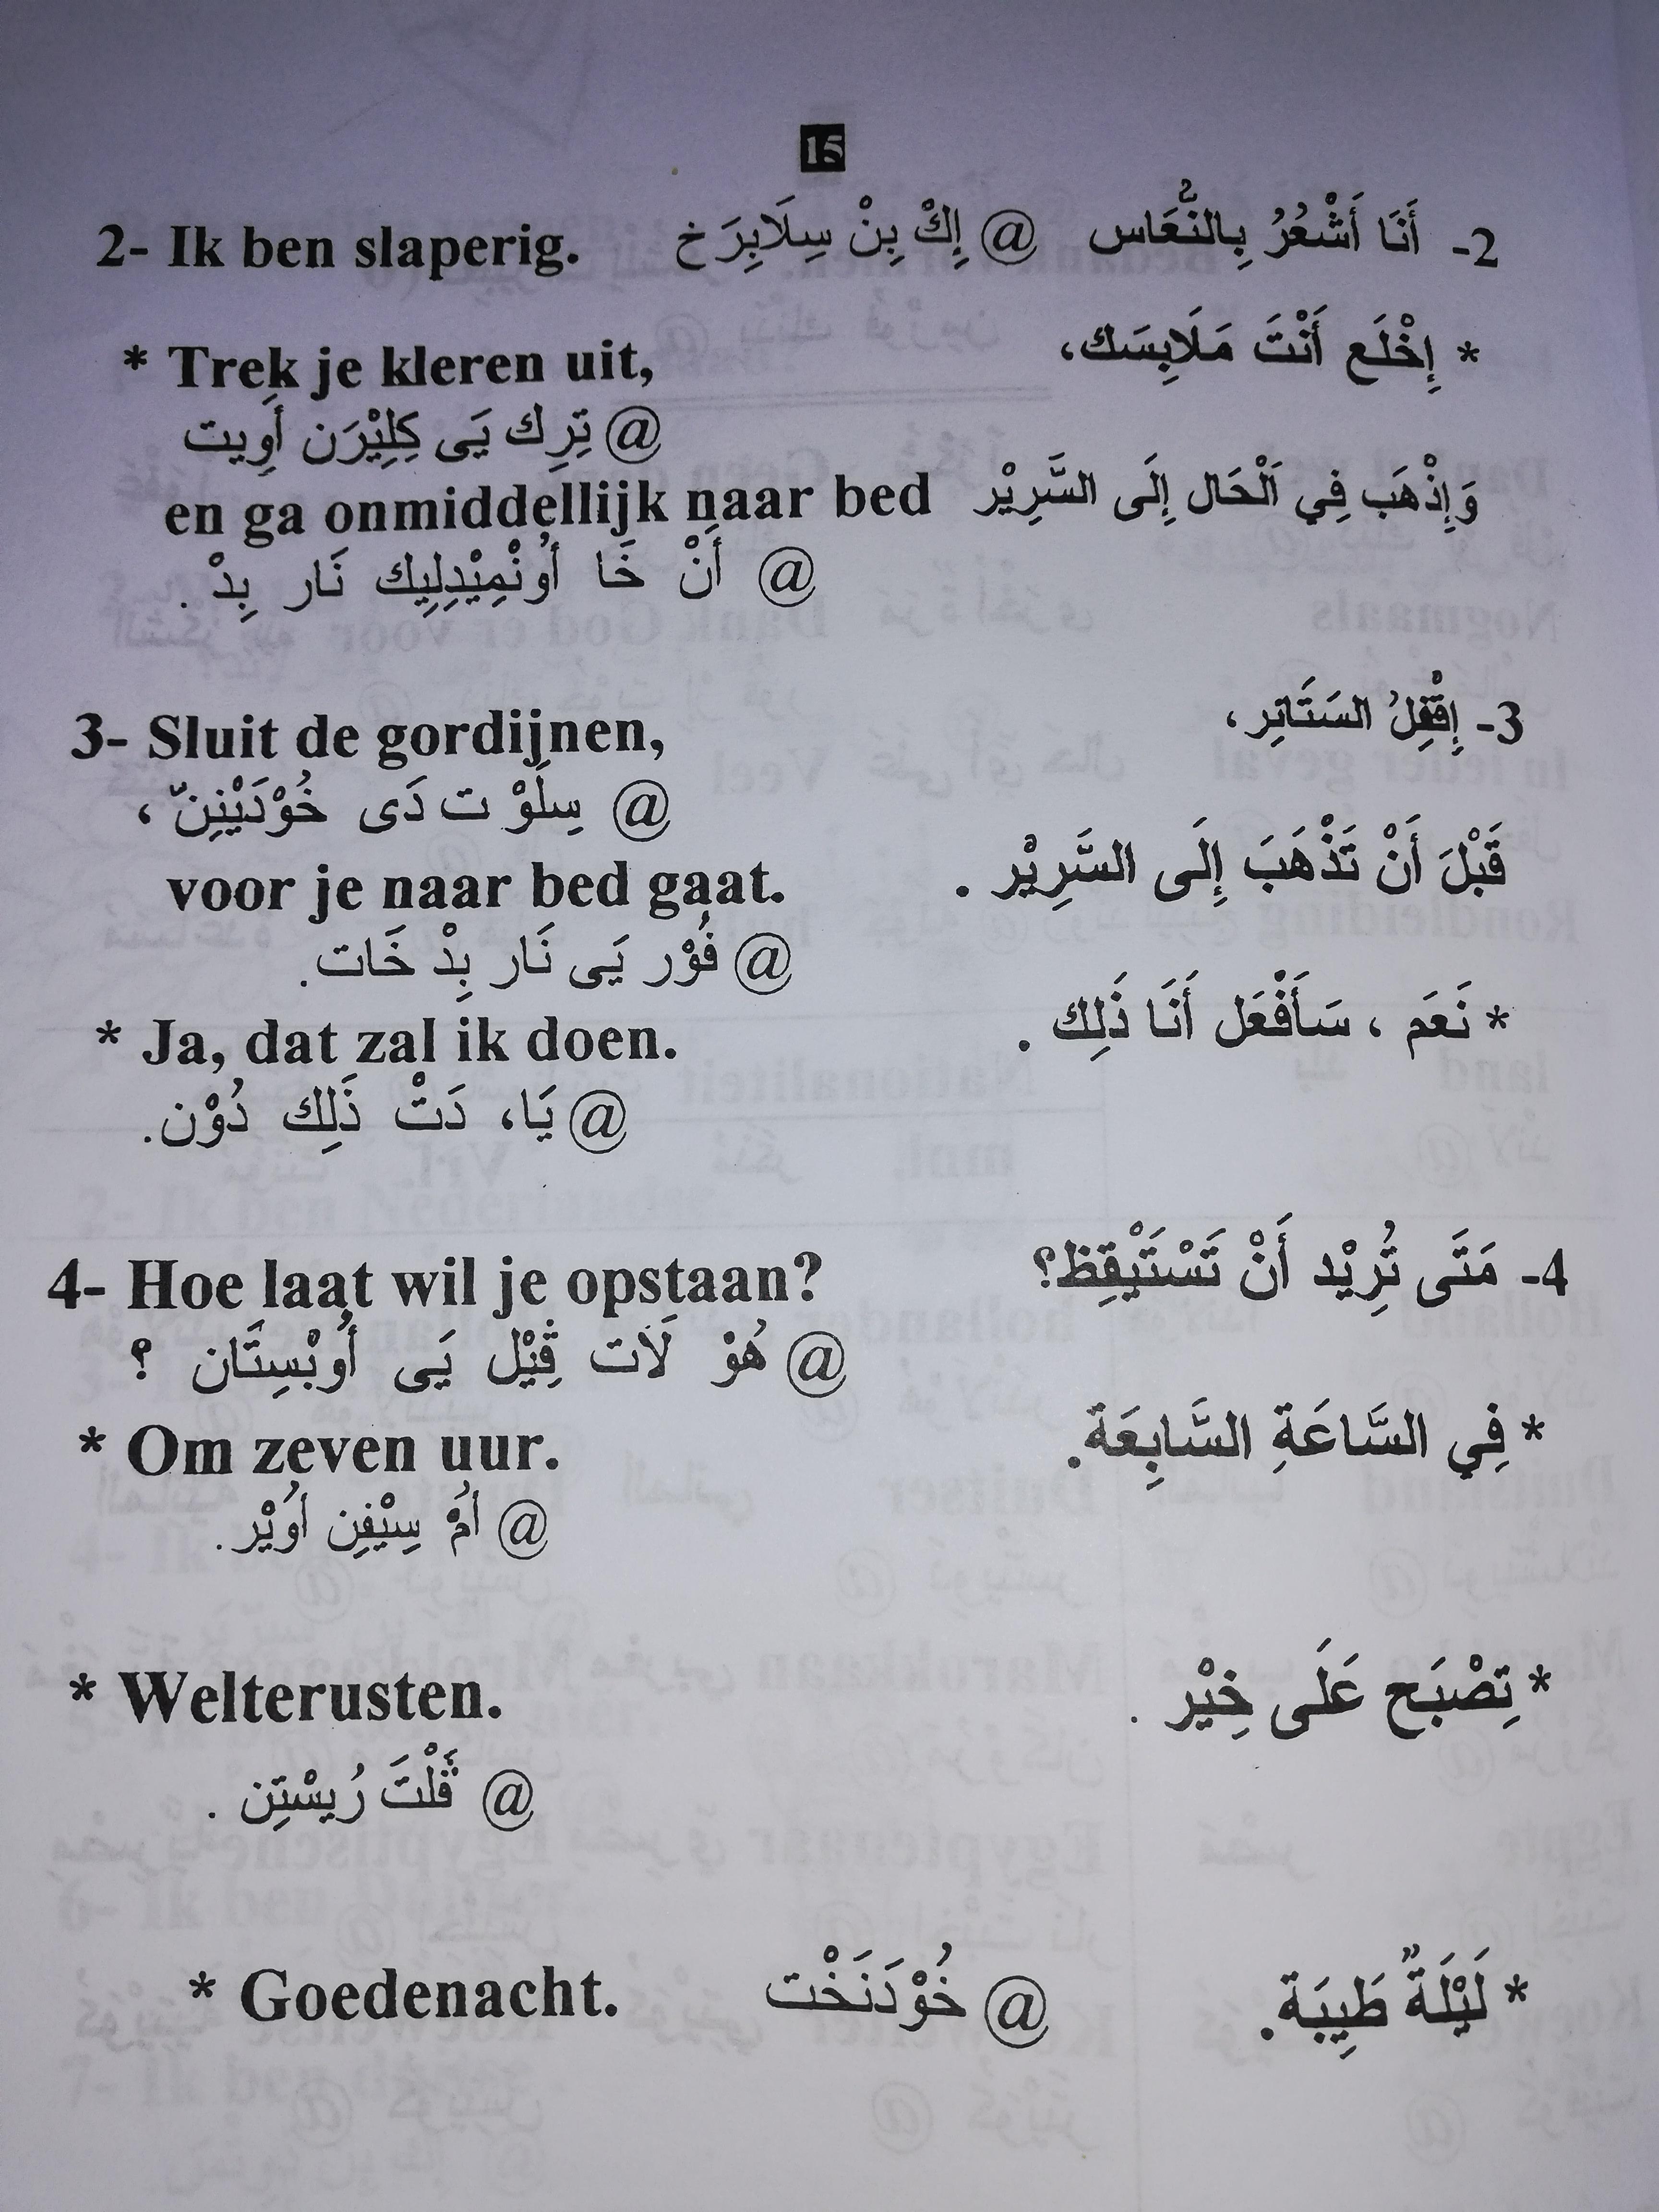 كلمات وجمل تختص عند الذهاب الي السرير Naar bed gaan (تعلم اللغة الهولندية بسهولة) 2